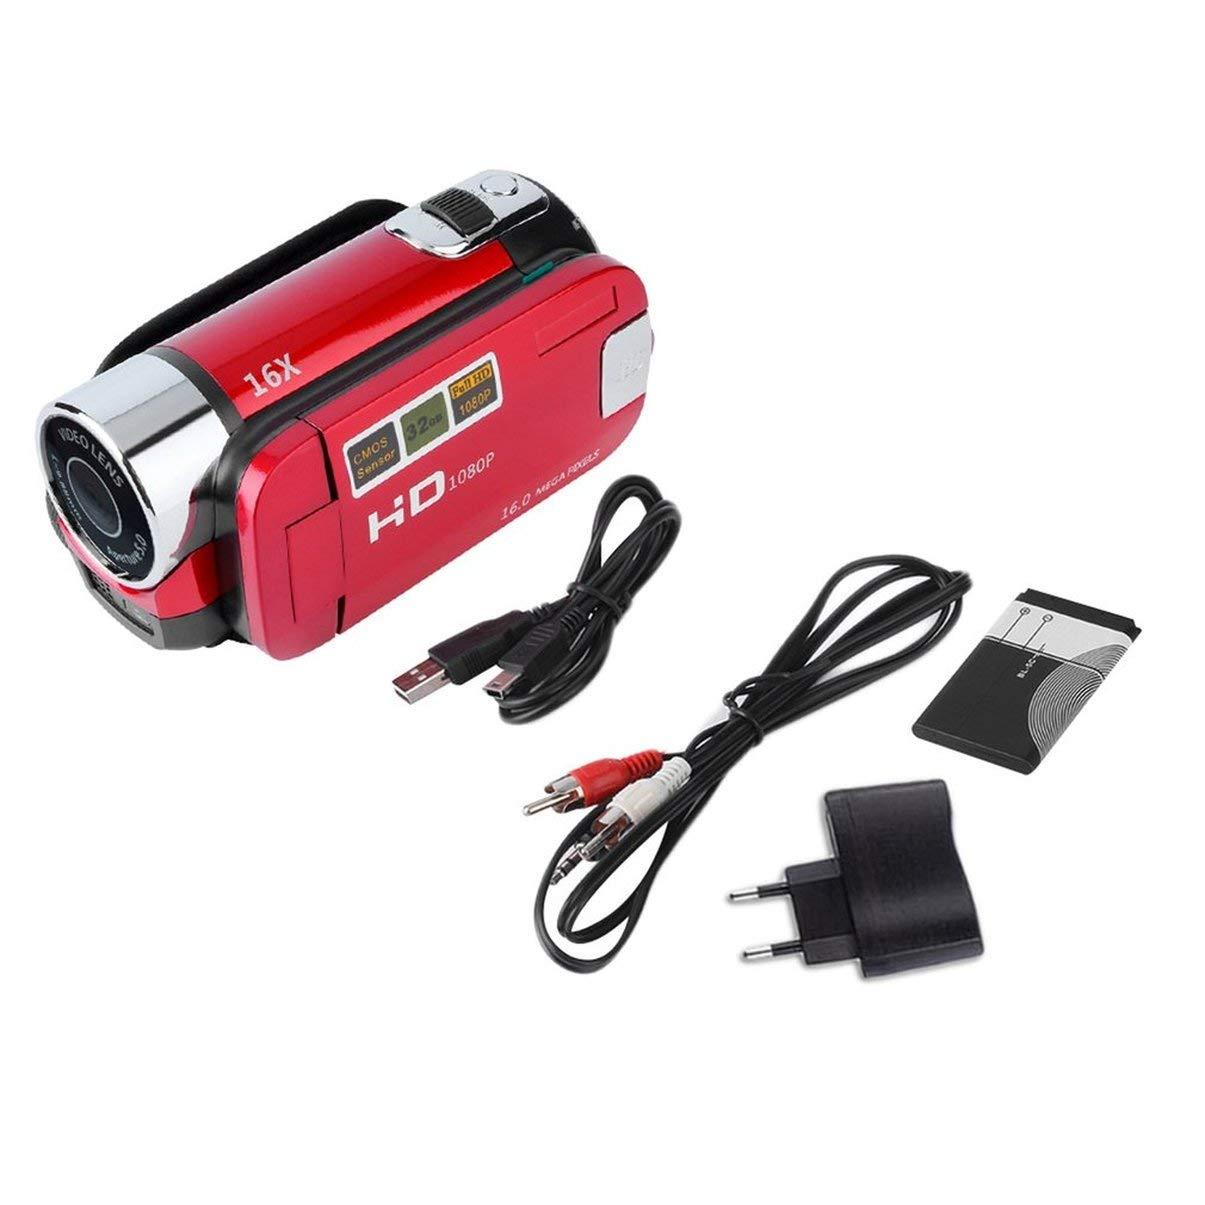 JullyeleDEgant Mini Portatile 2.7Videocamera Digitale Videocamera Schermo LCD TFT HD 720P 16X Zoom Videocamera DV Supporto Registrazione Video Com TF